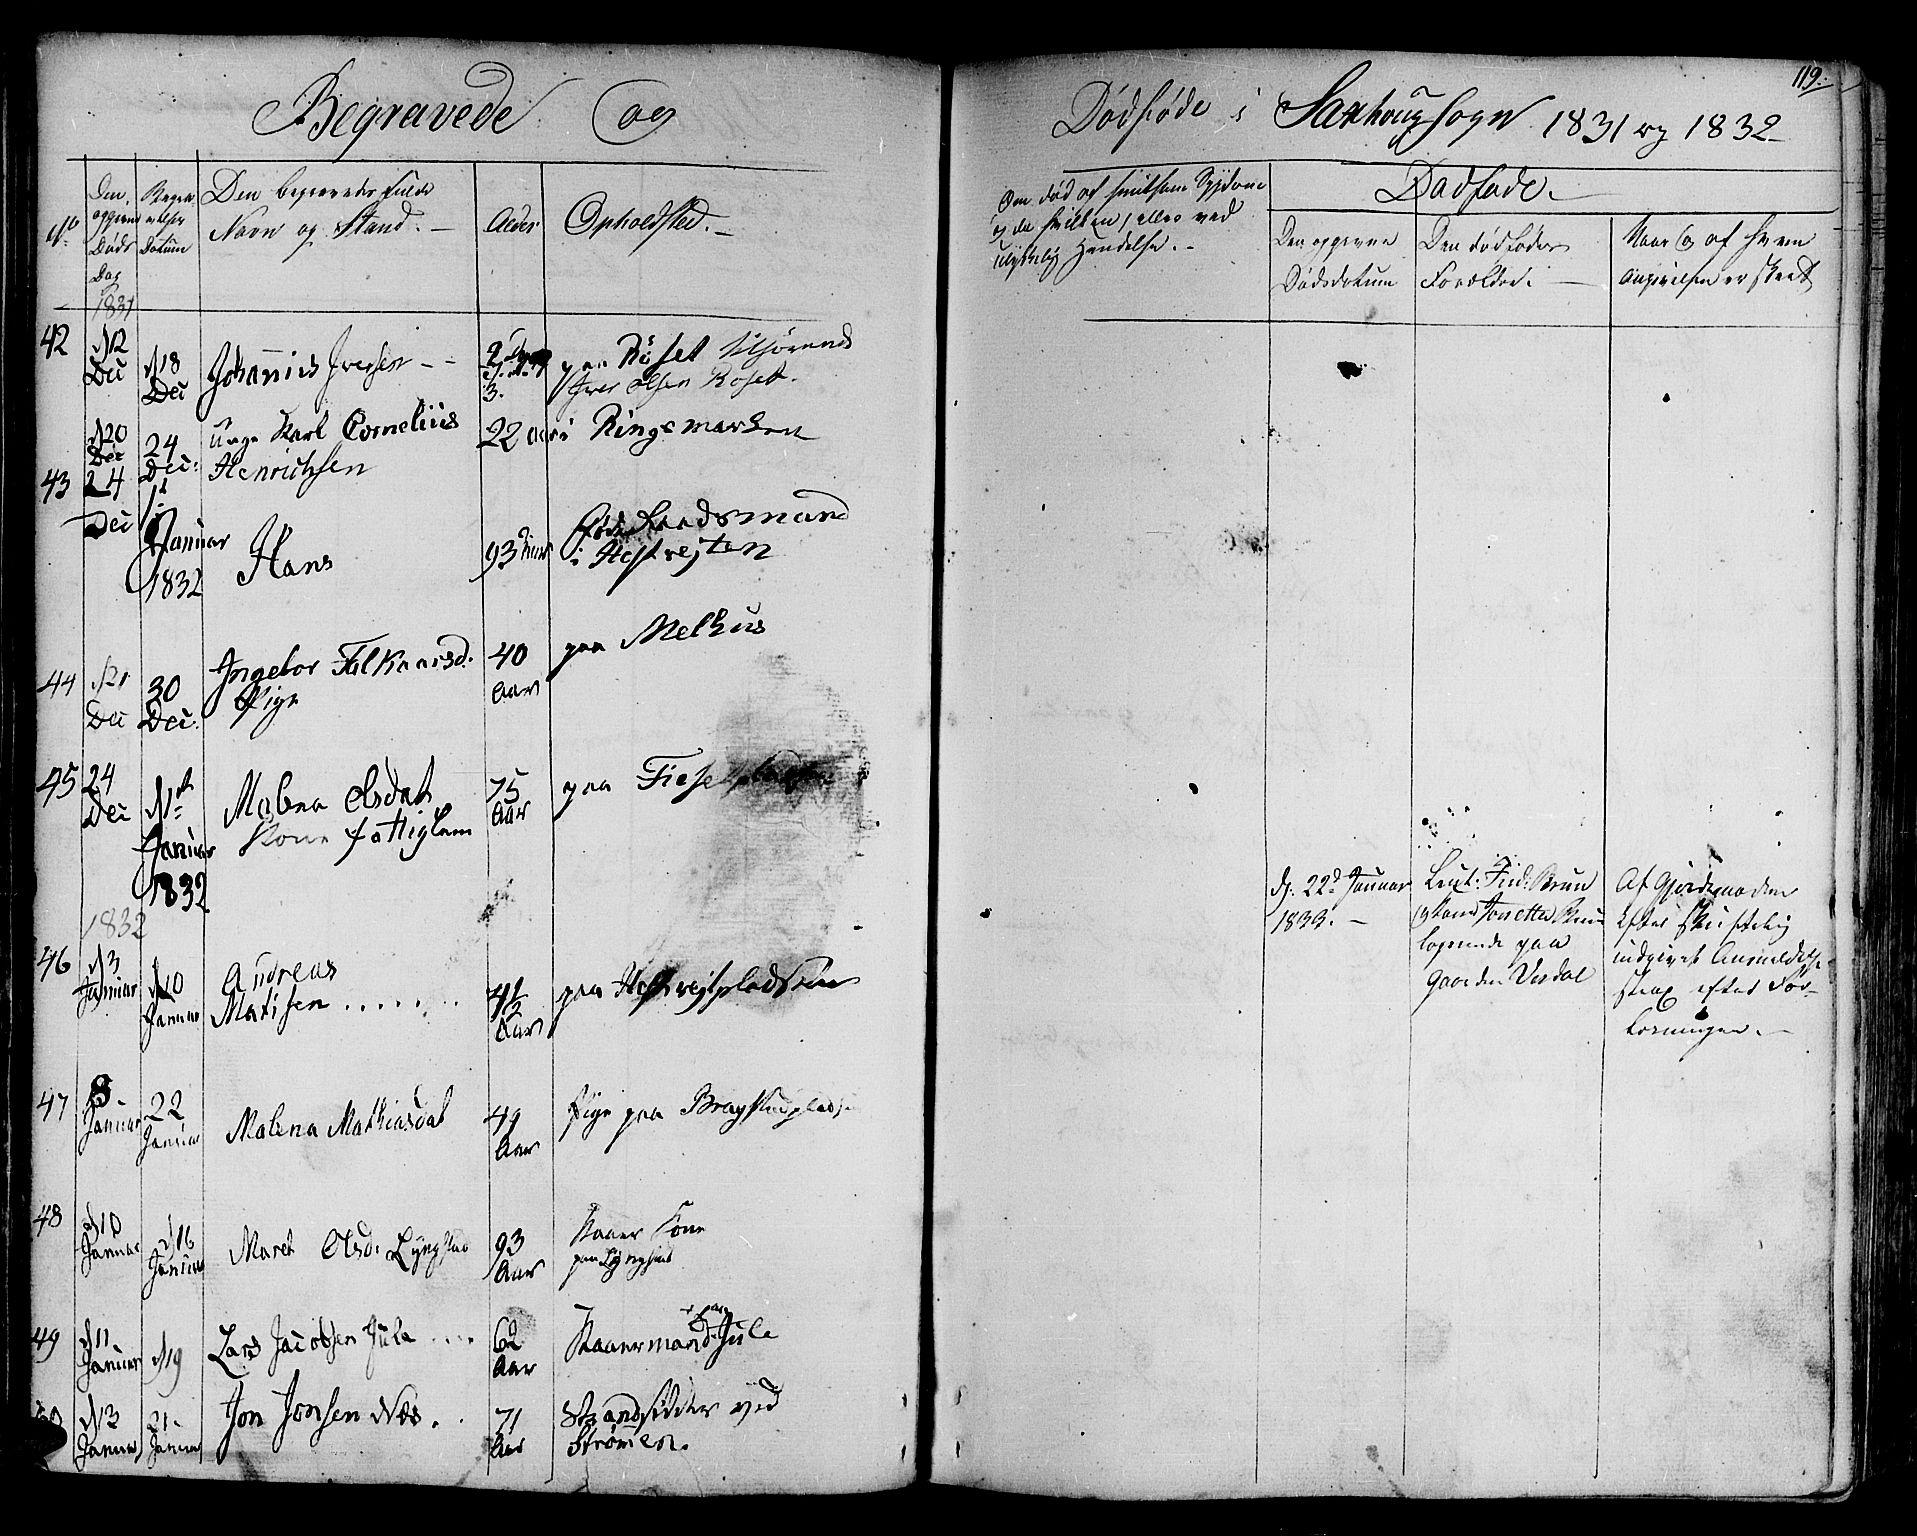 SAT, Ministerialprotokoller, klokkerbøker og fødselsregistre - Nord-Trøndelag, 730/L0277: Ministerialbok nr. 730A06 /1, 1830-1839, s. 119